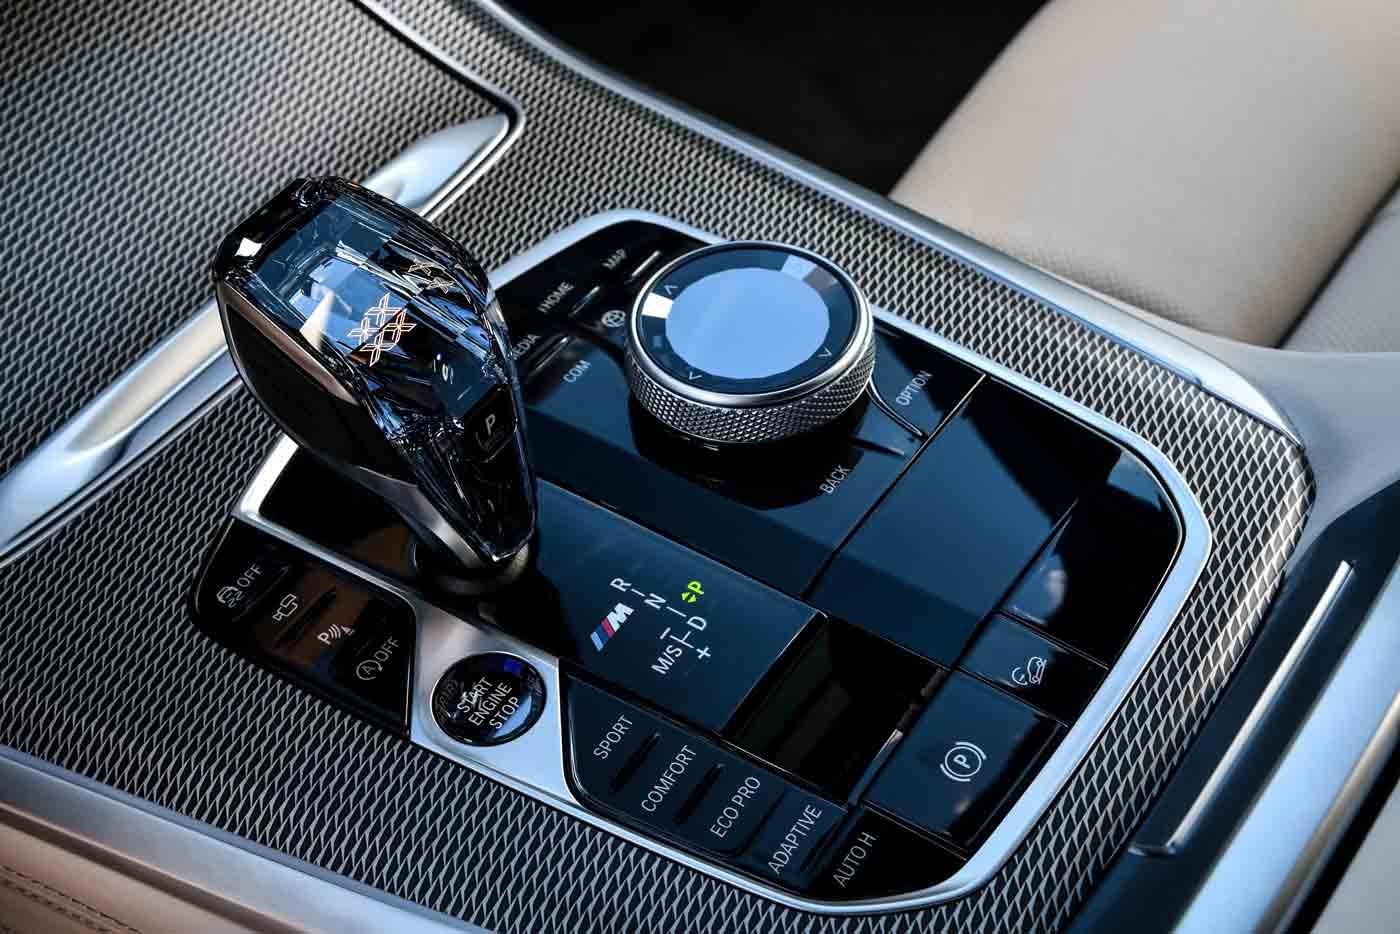 Controlli Infotainment BMW